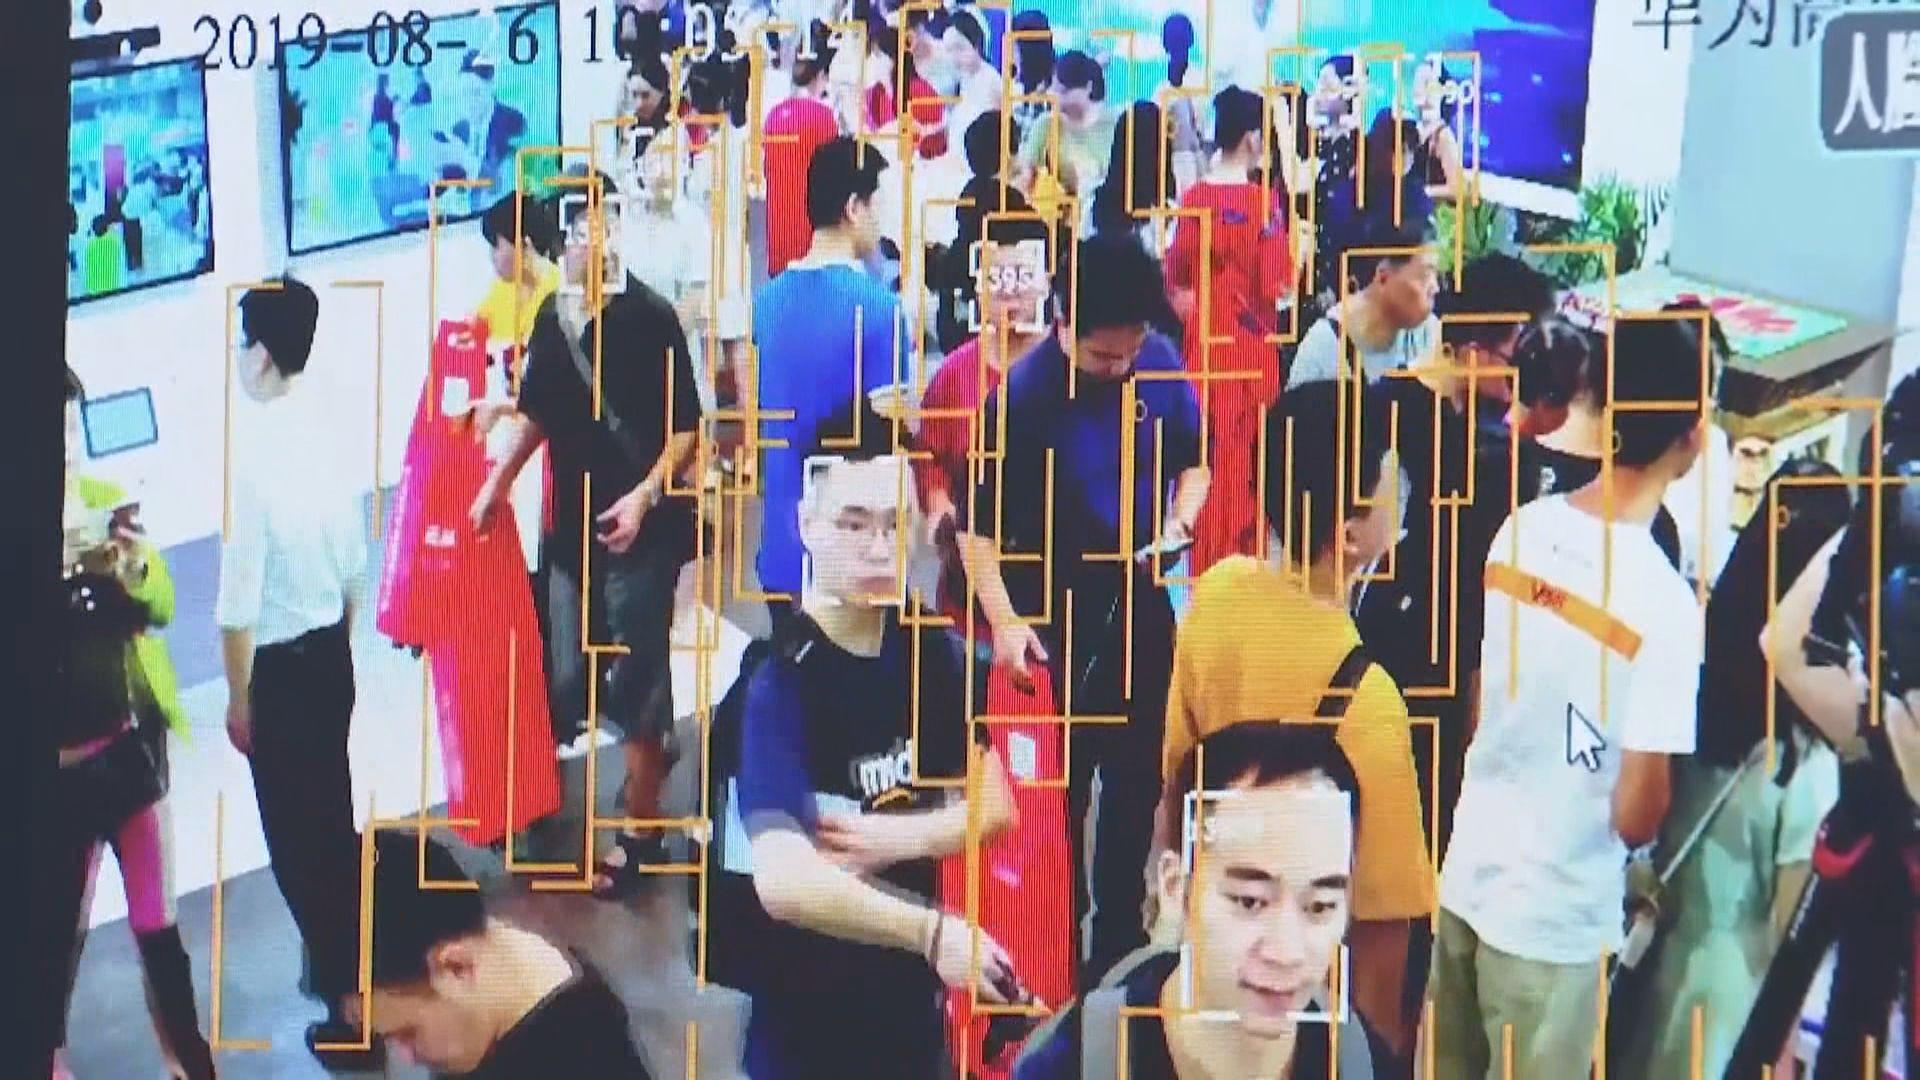 華企據報向聯合國提制定人臉識別新標準